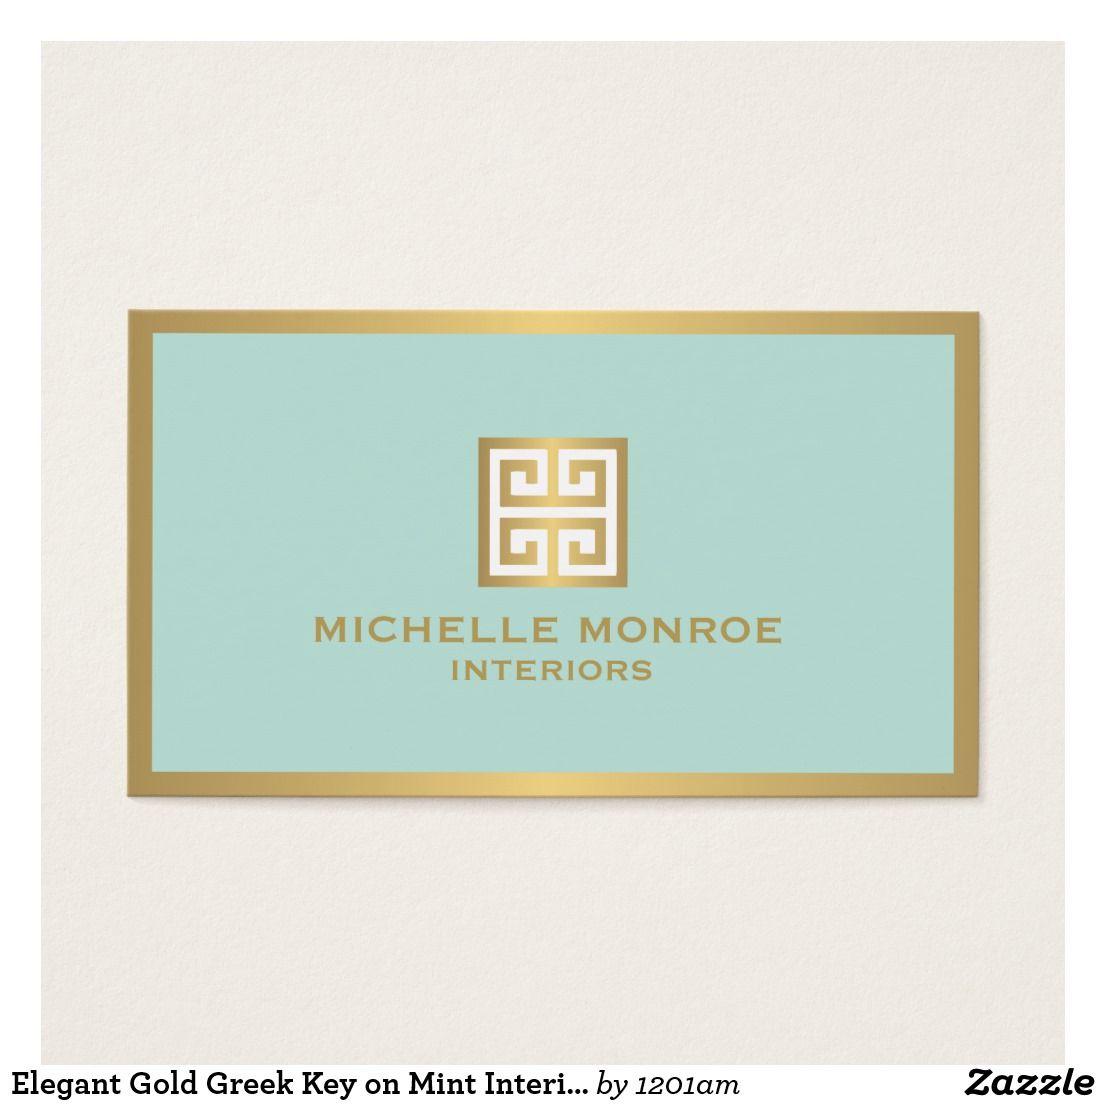 Gold Greek Key On Mint Interior Designer Business Card Zazzle Com Business Card Design Interior Design Business Mint Background